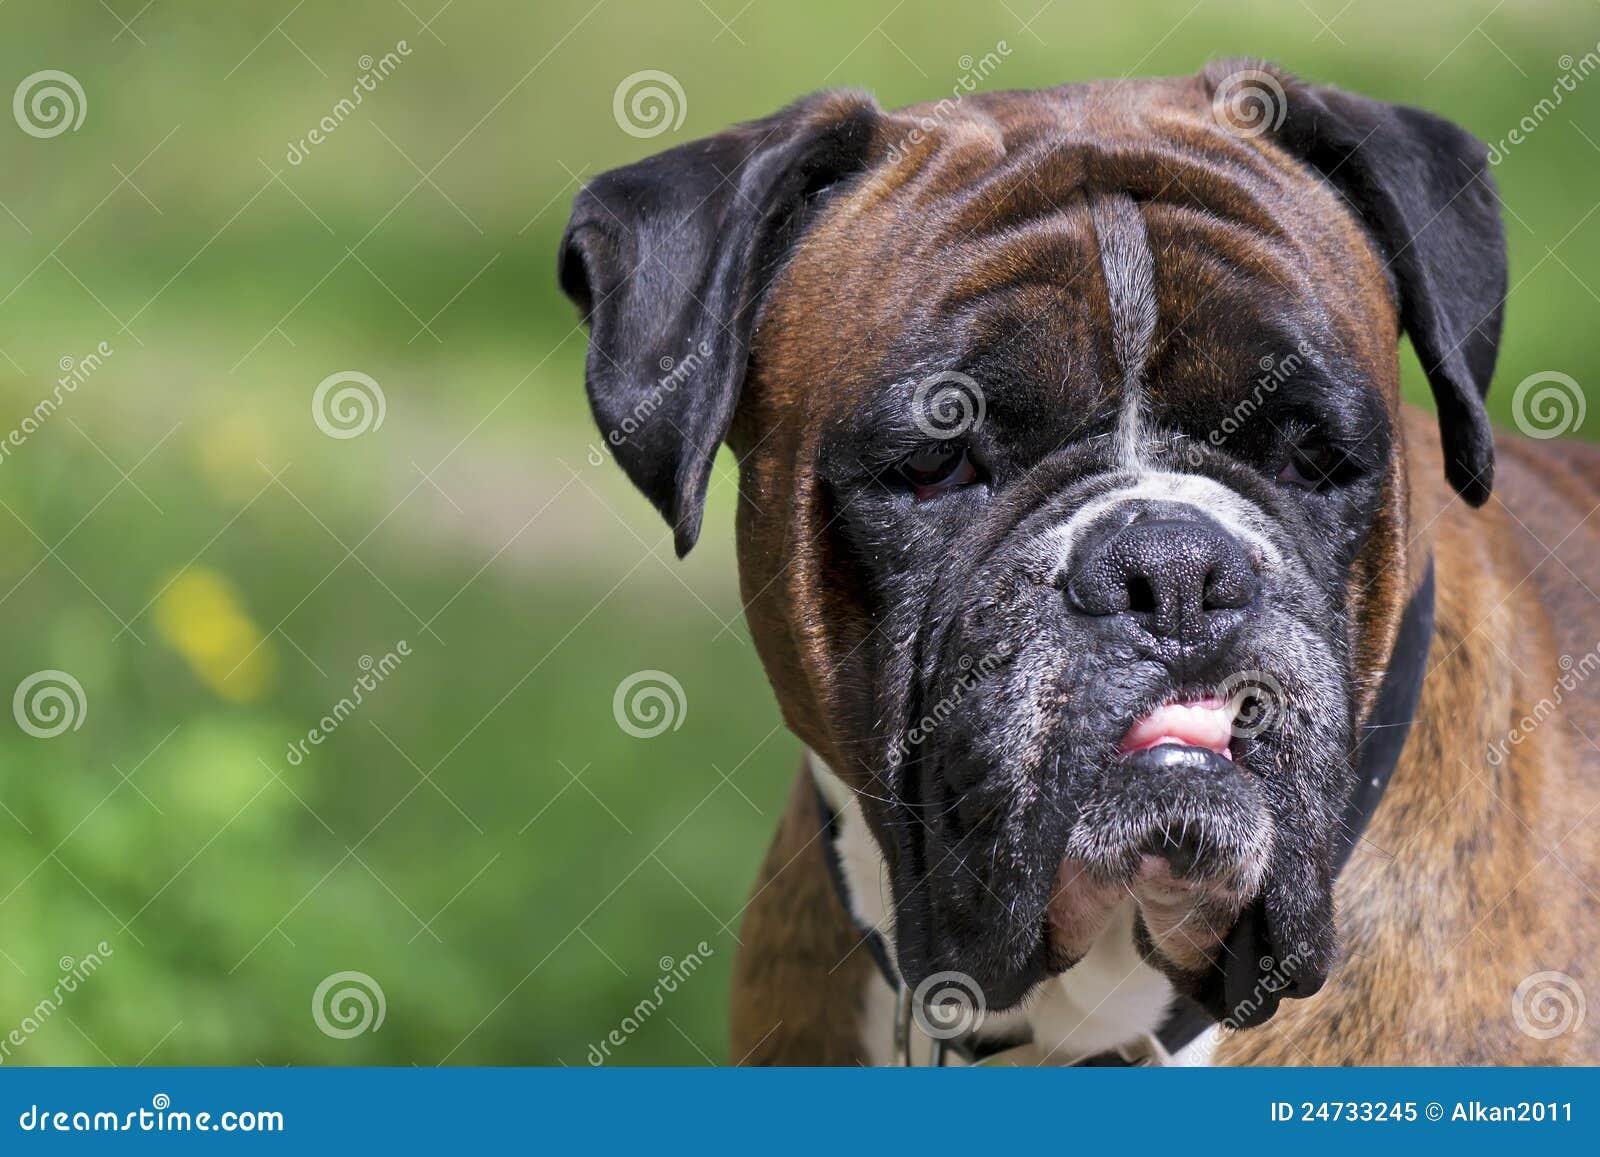 Angry boxer dog teeth - photo#3